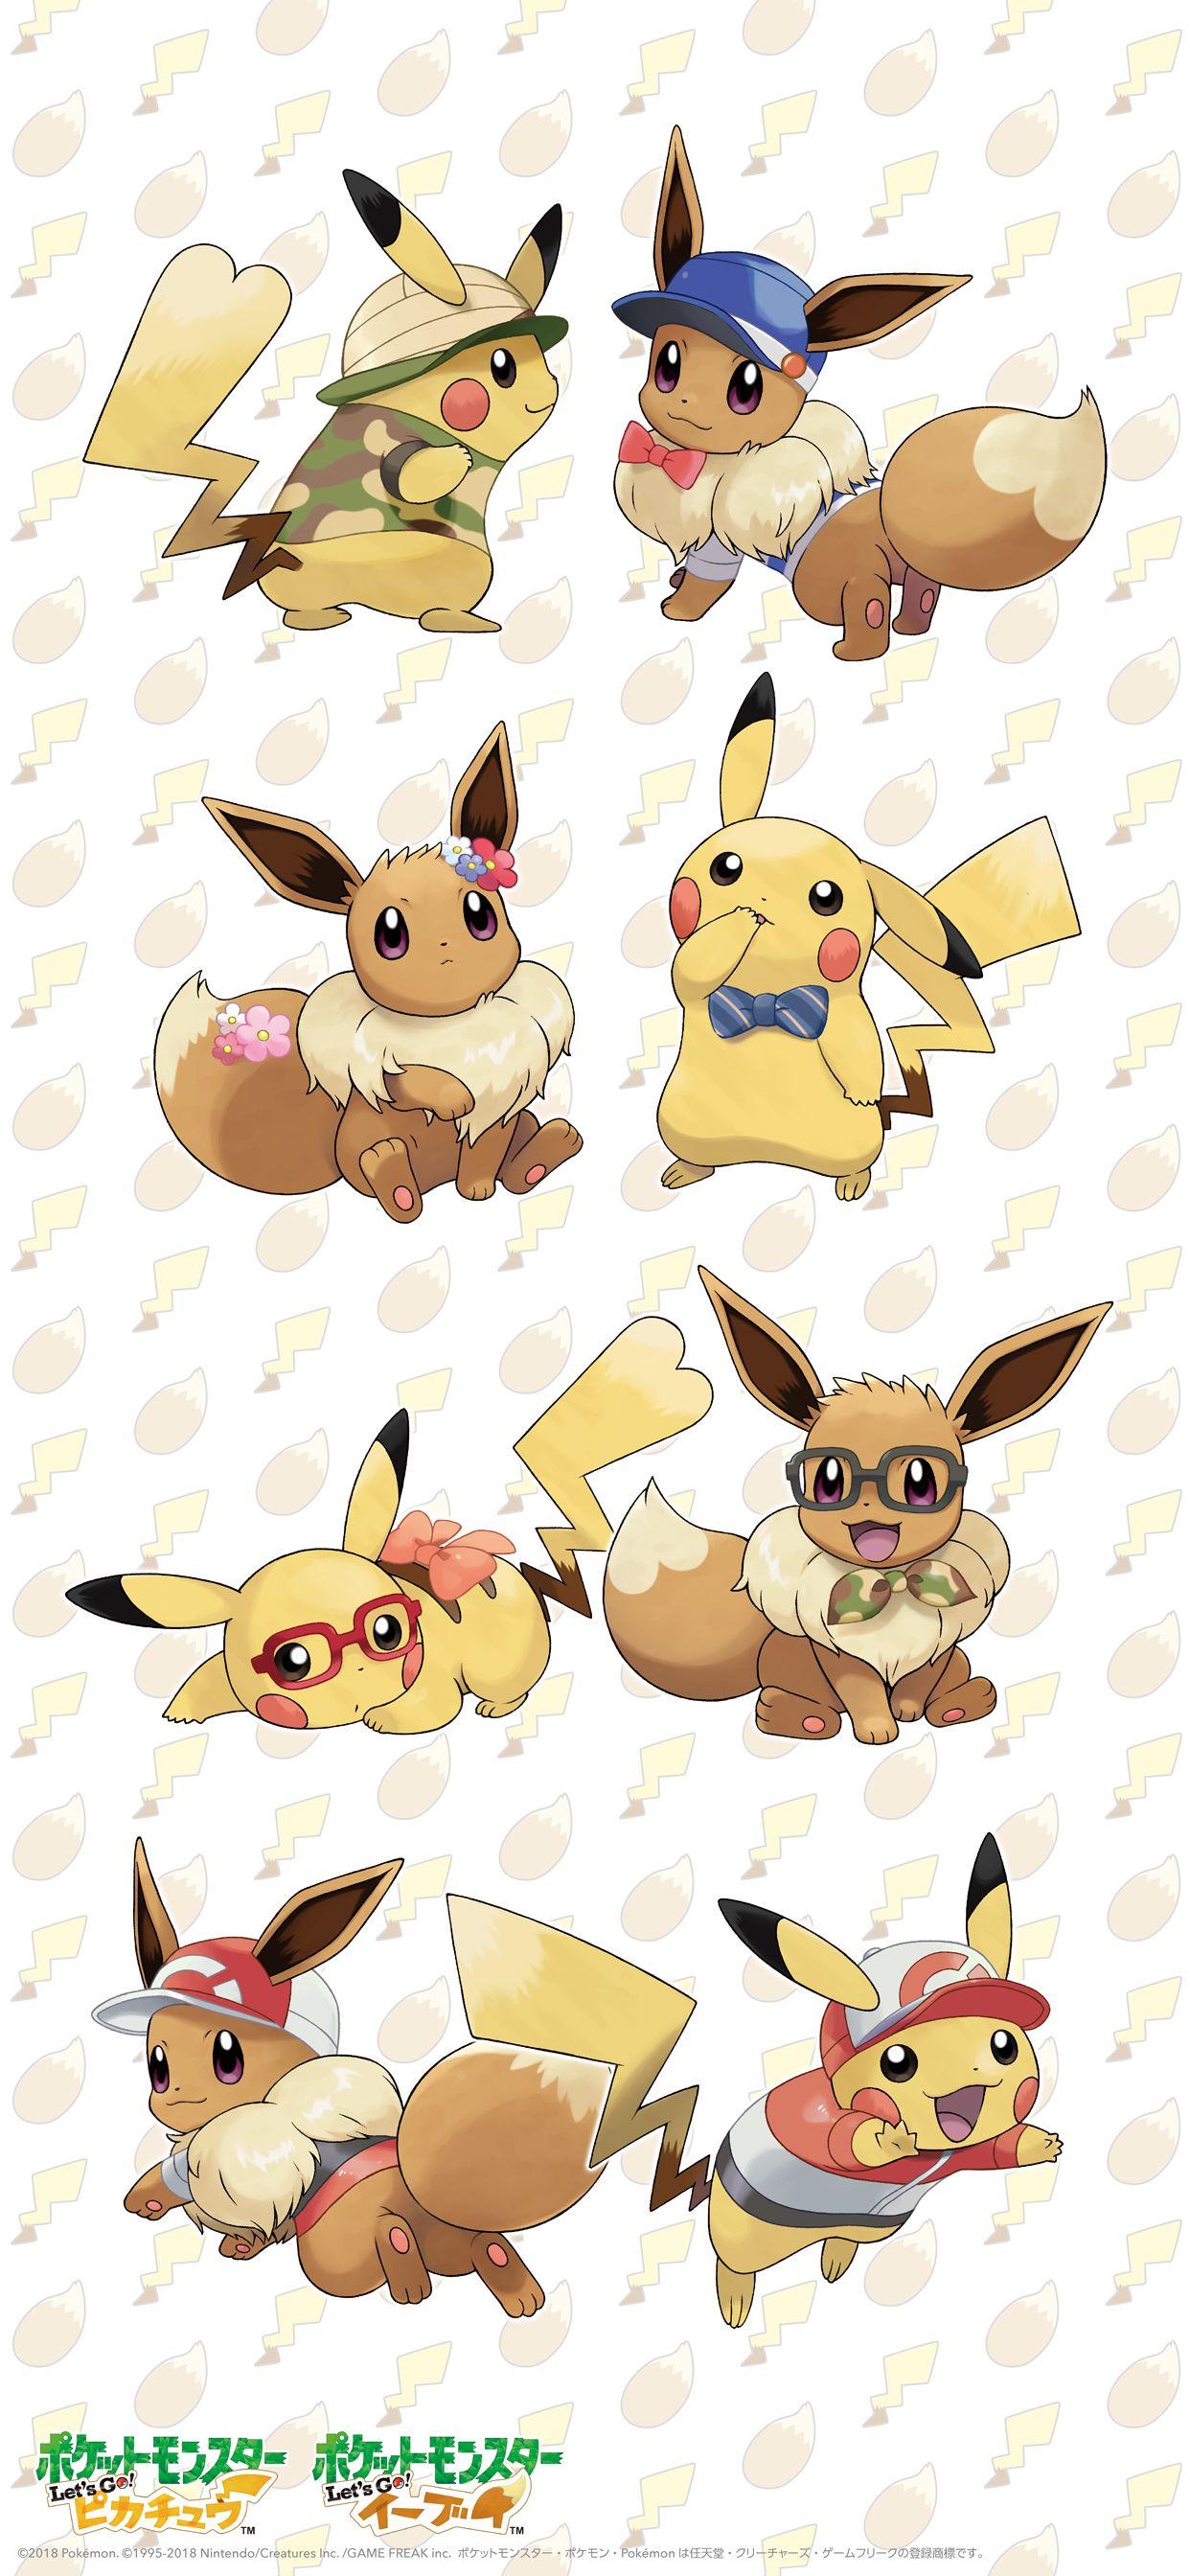 Pokemon Eevee Wallpaper Phone Download This Pokemon Let S Go Pikachu Eevee Wallpaper For Pokemon Eeveelutio Eevee Wallpaper Hd Anime Wallpapers Pokemon Eevee